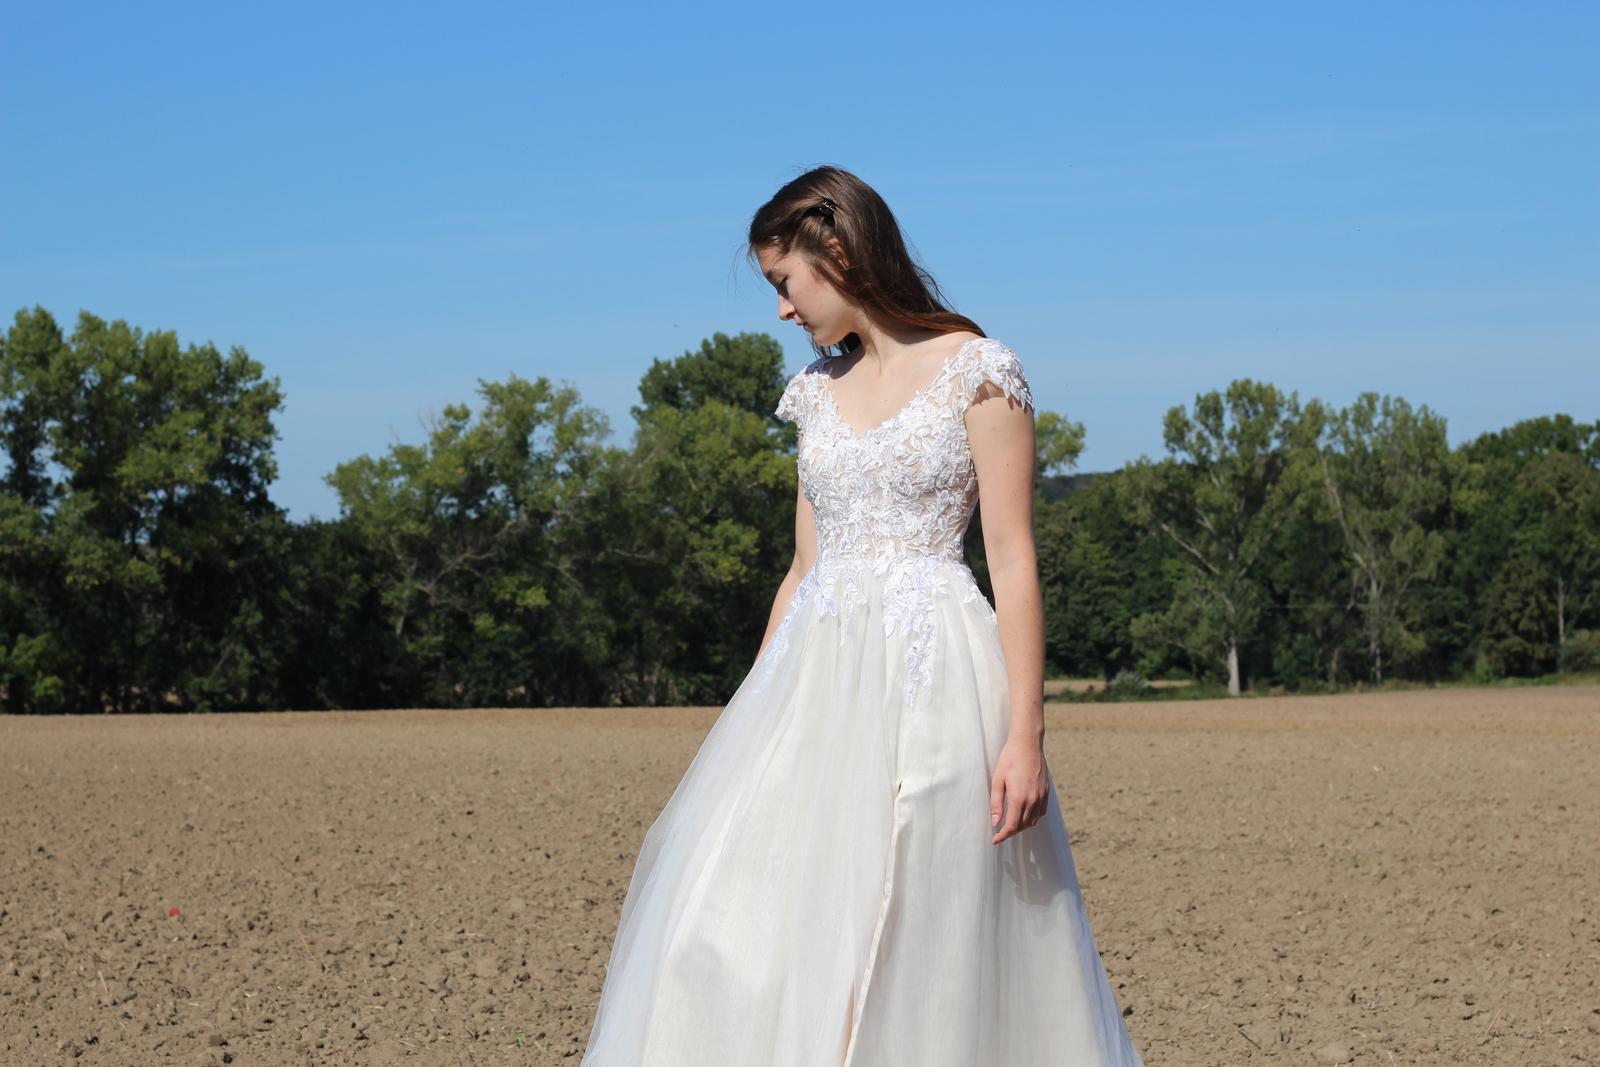 Moderní svatební šaty - Obrázek č. 1